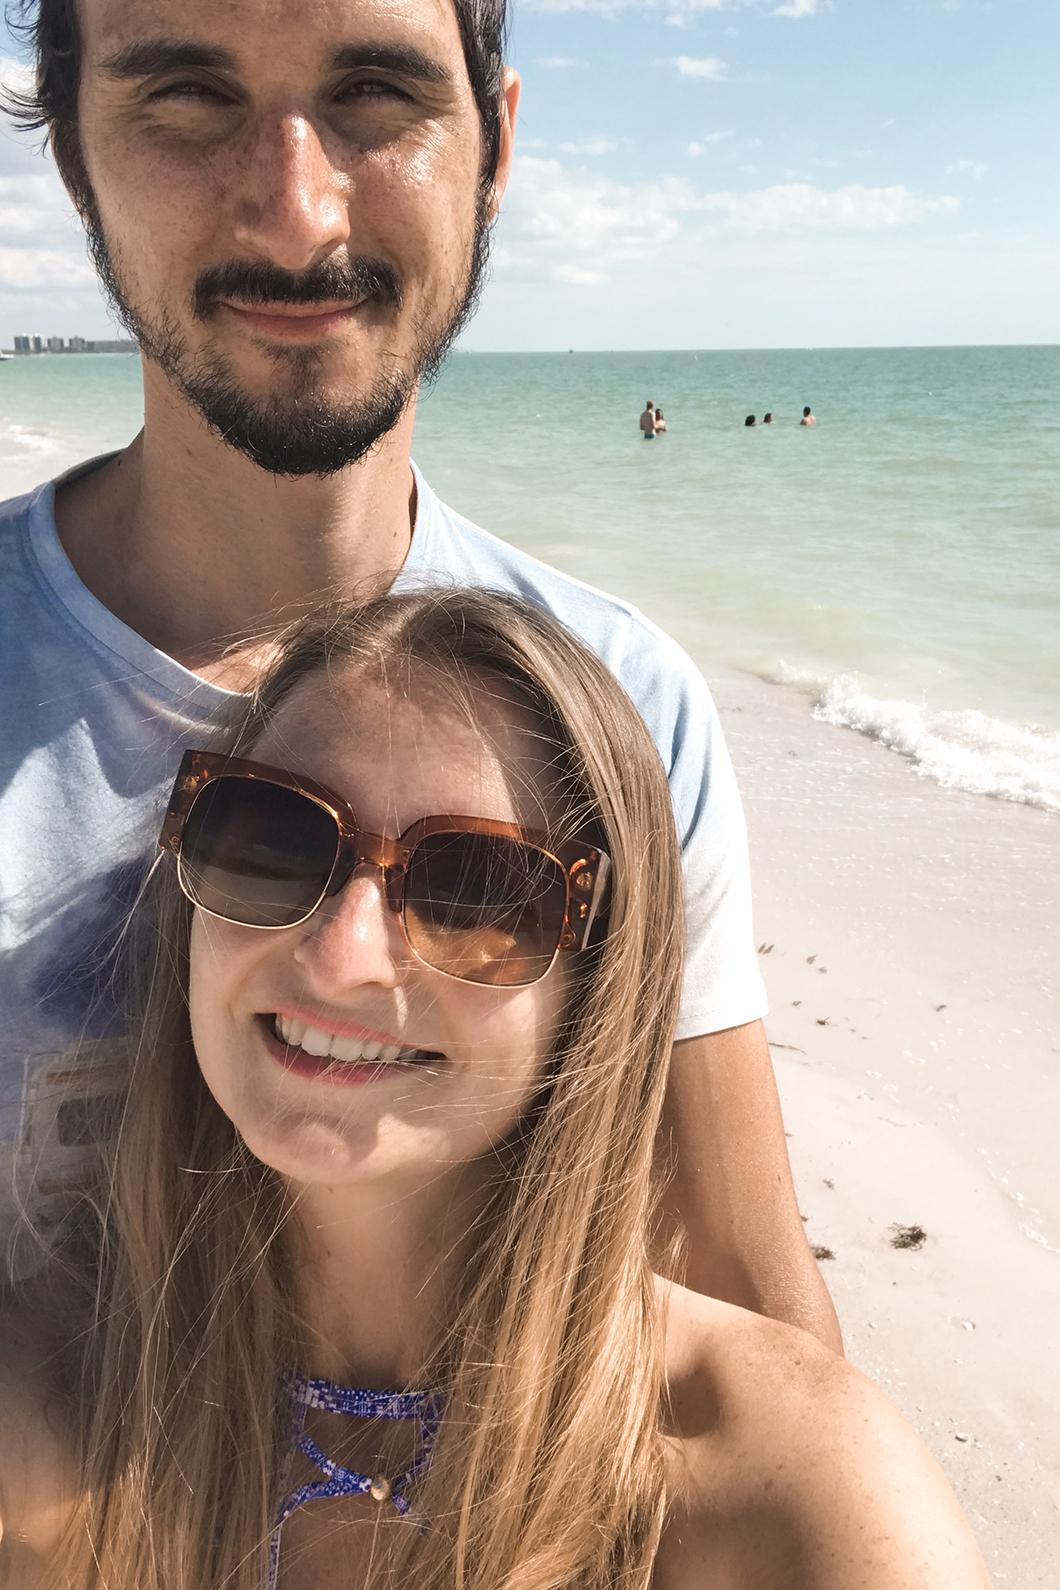 Découvrir les plages de la Côte ouest de la Floride